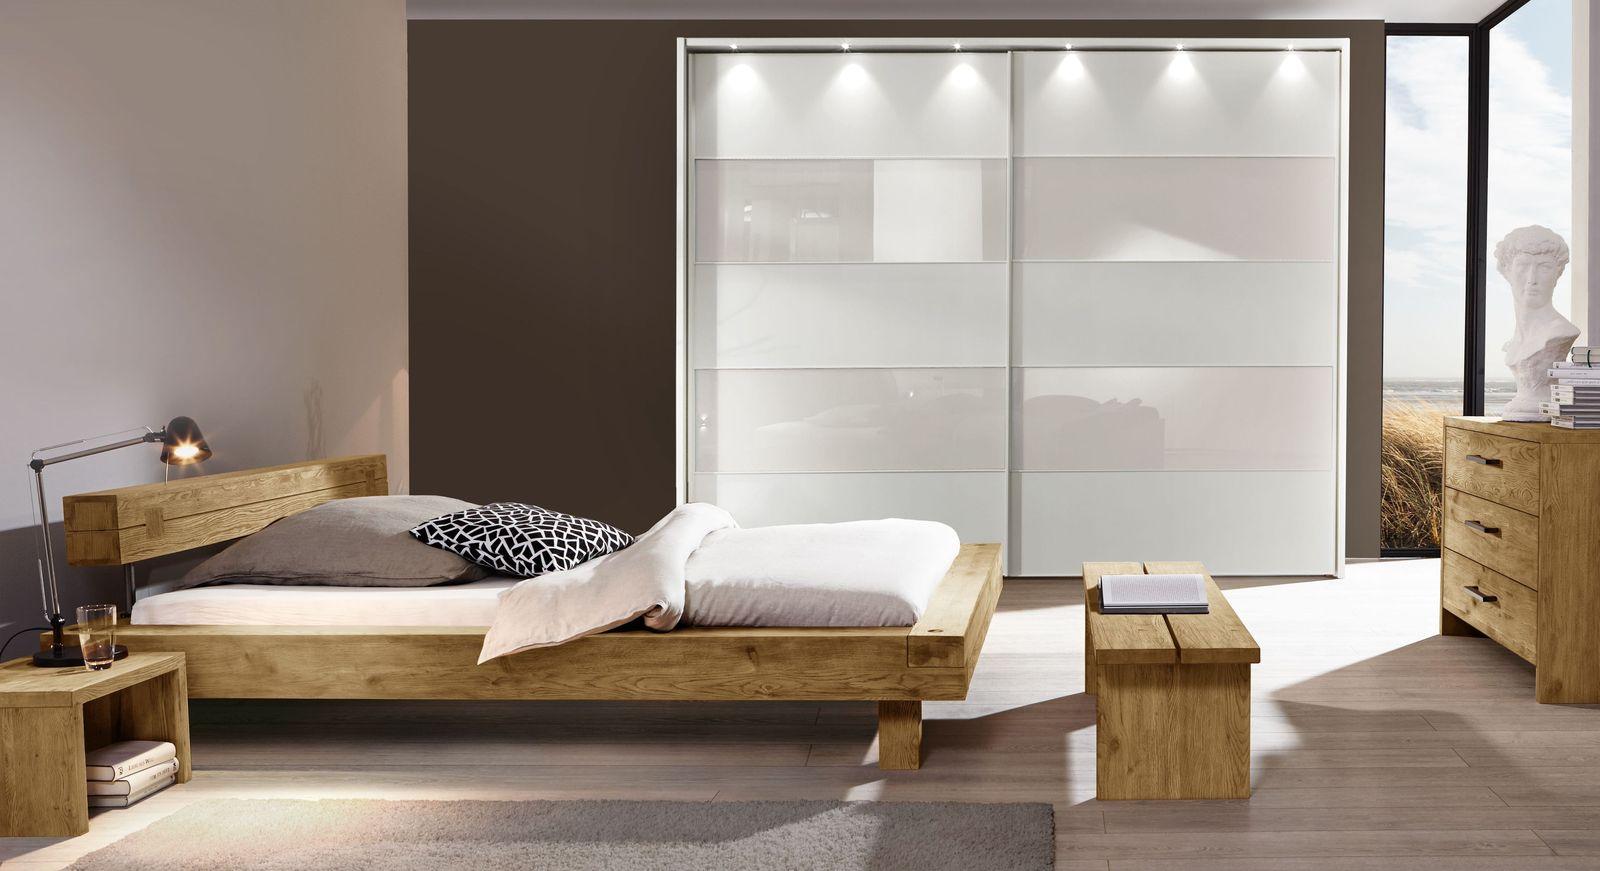 Bett San Luis mit passender Schlafzimmer-Ausstattung